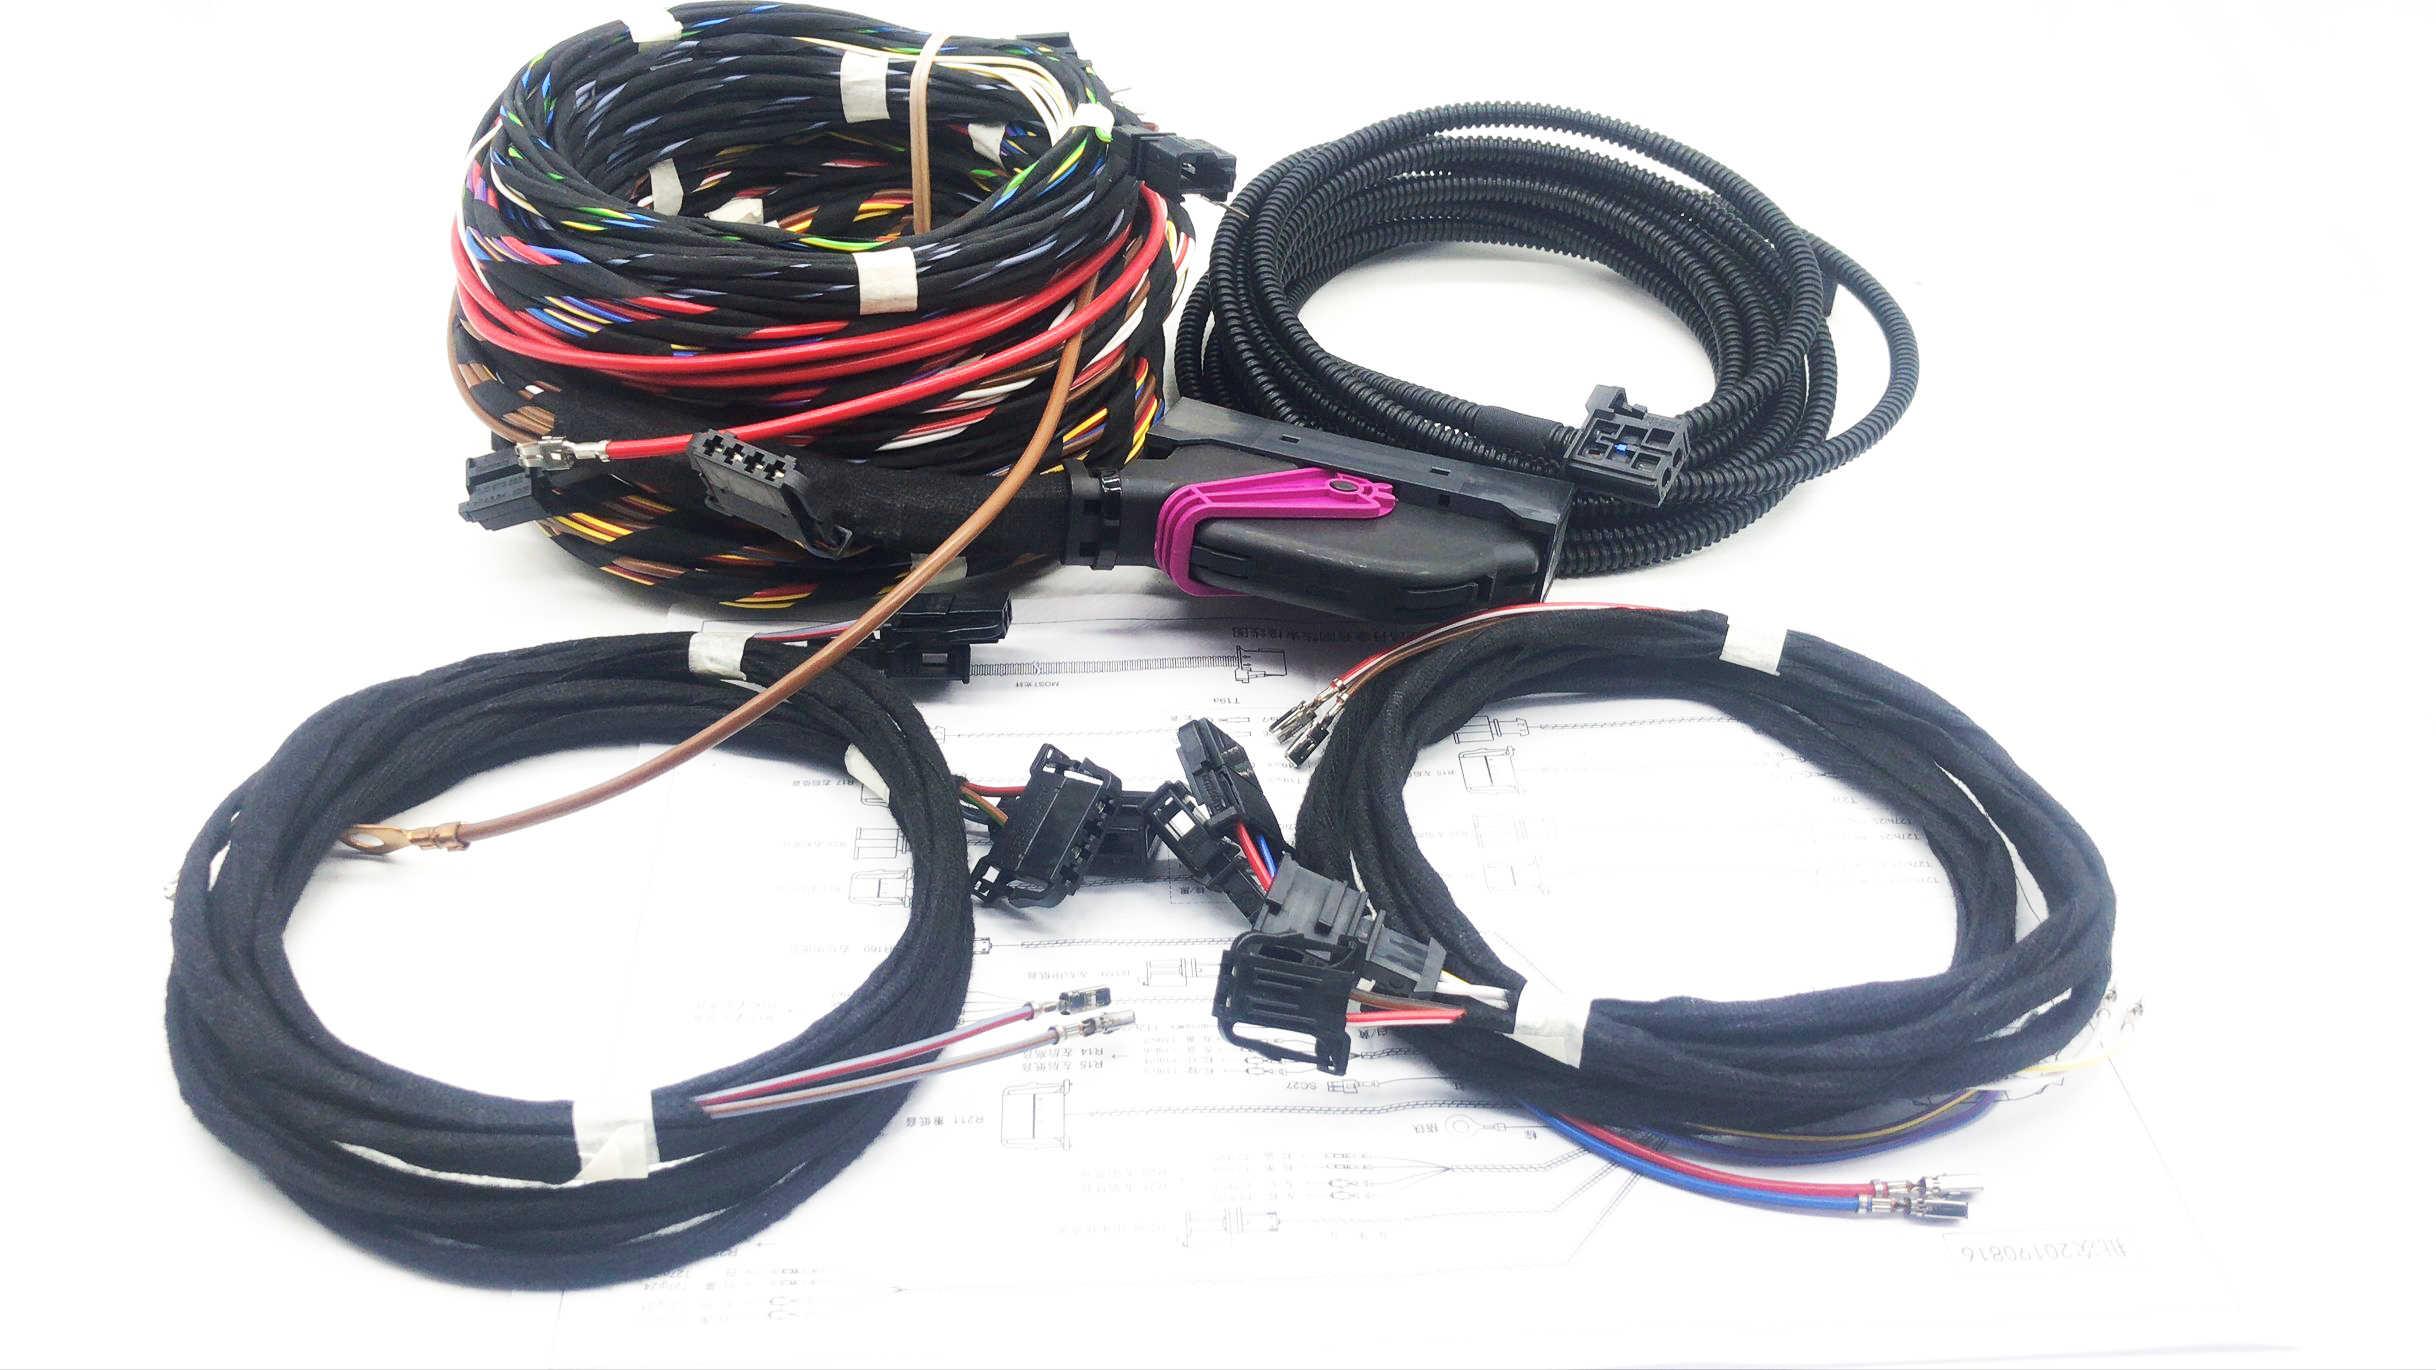 インストール更新 Dynaudio システム音響ワイヤーハーネスケーブル Vw Teramont